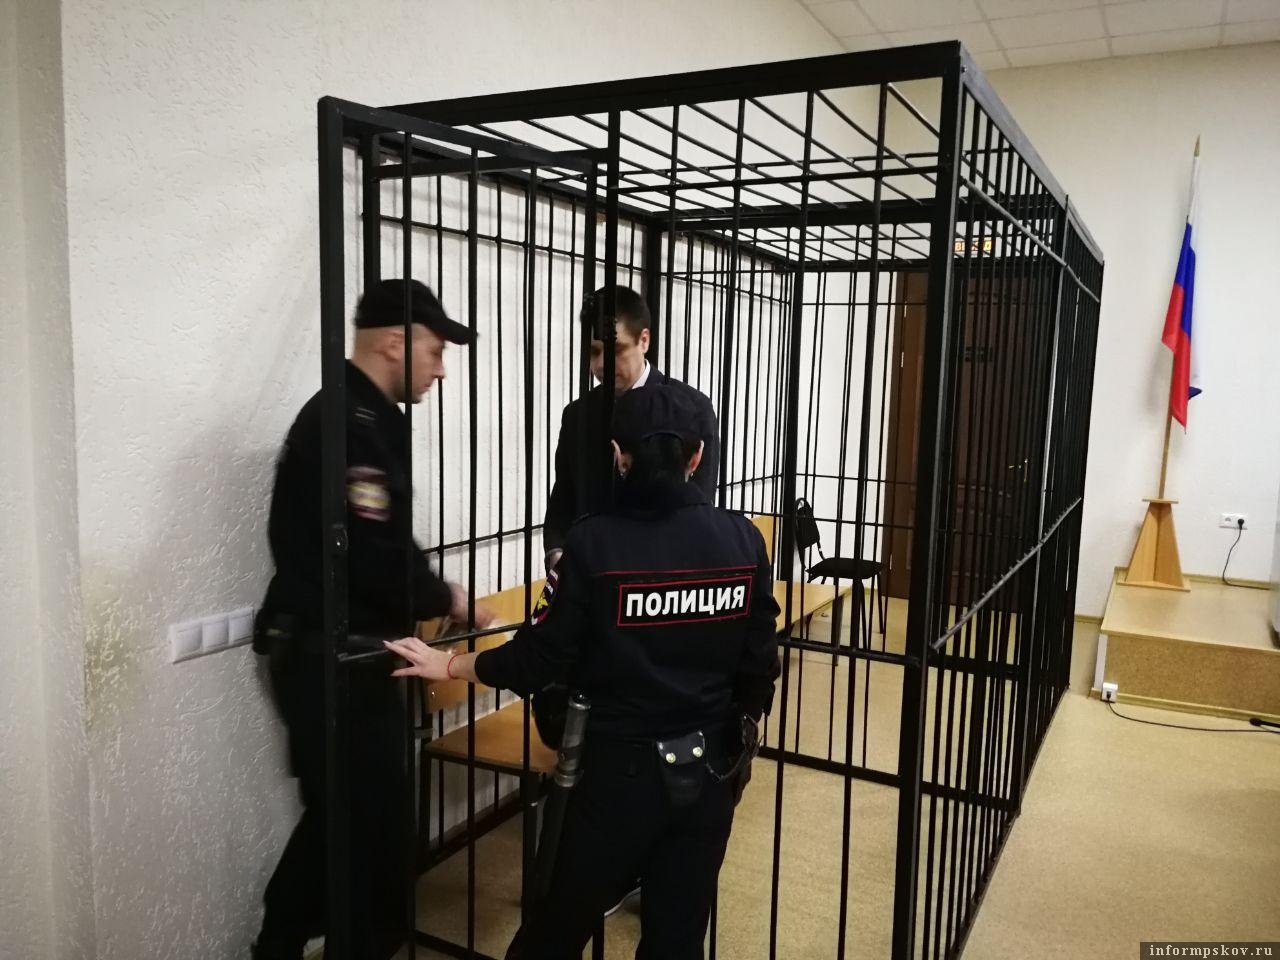 Александр Кузнецов выслушал приговор суда - 5 лет лишения свободы. Фото здесь и далее Михаил Синев и Дарья Хваткова